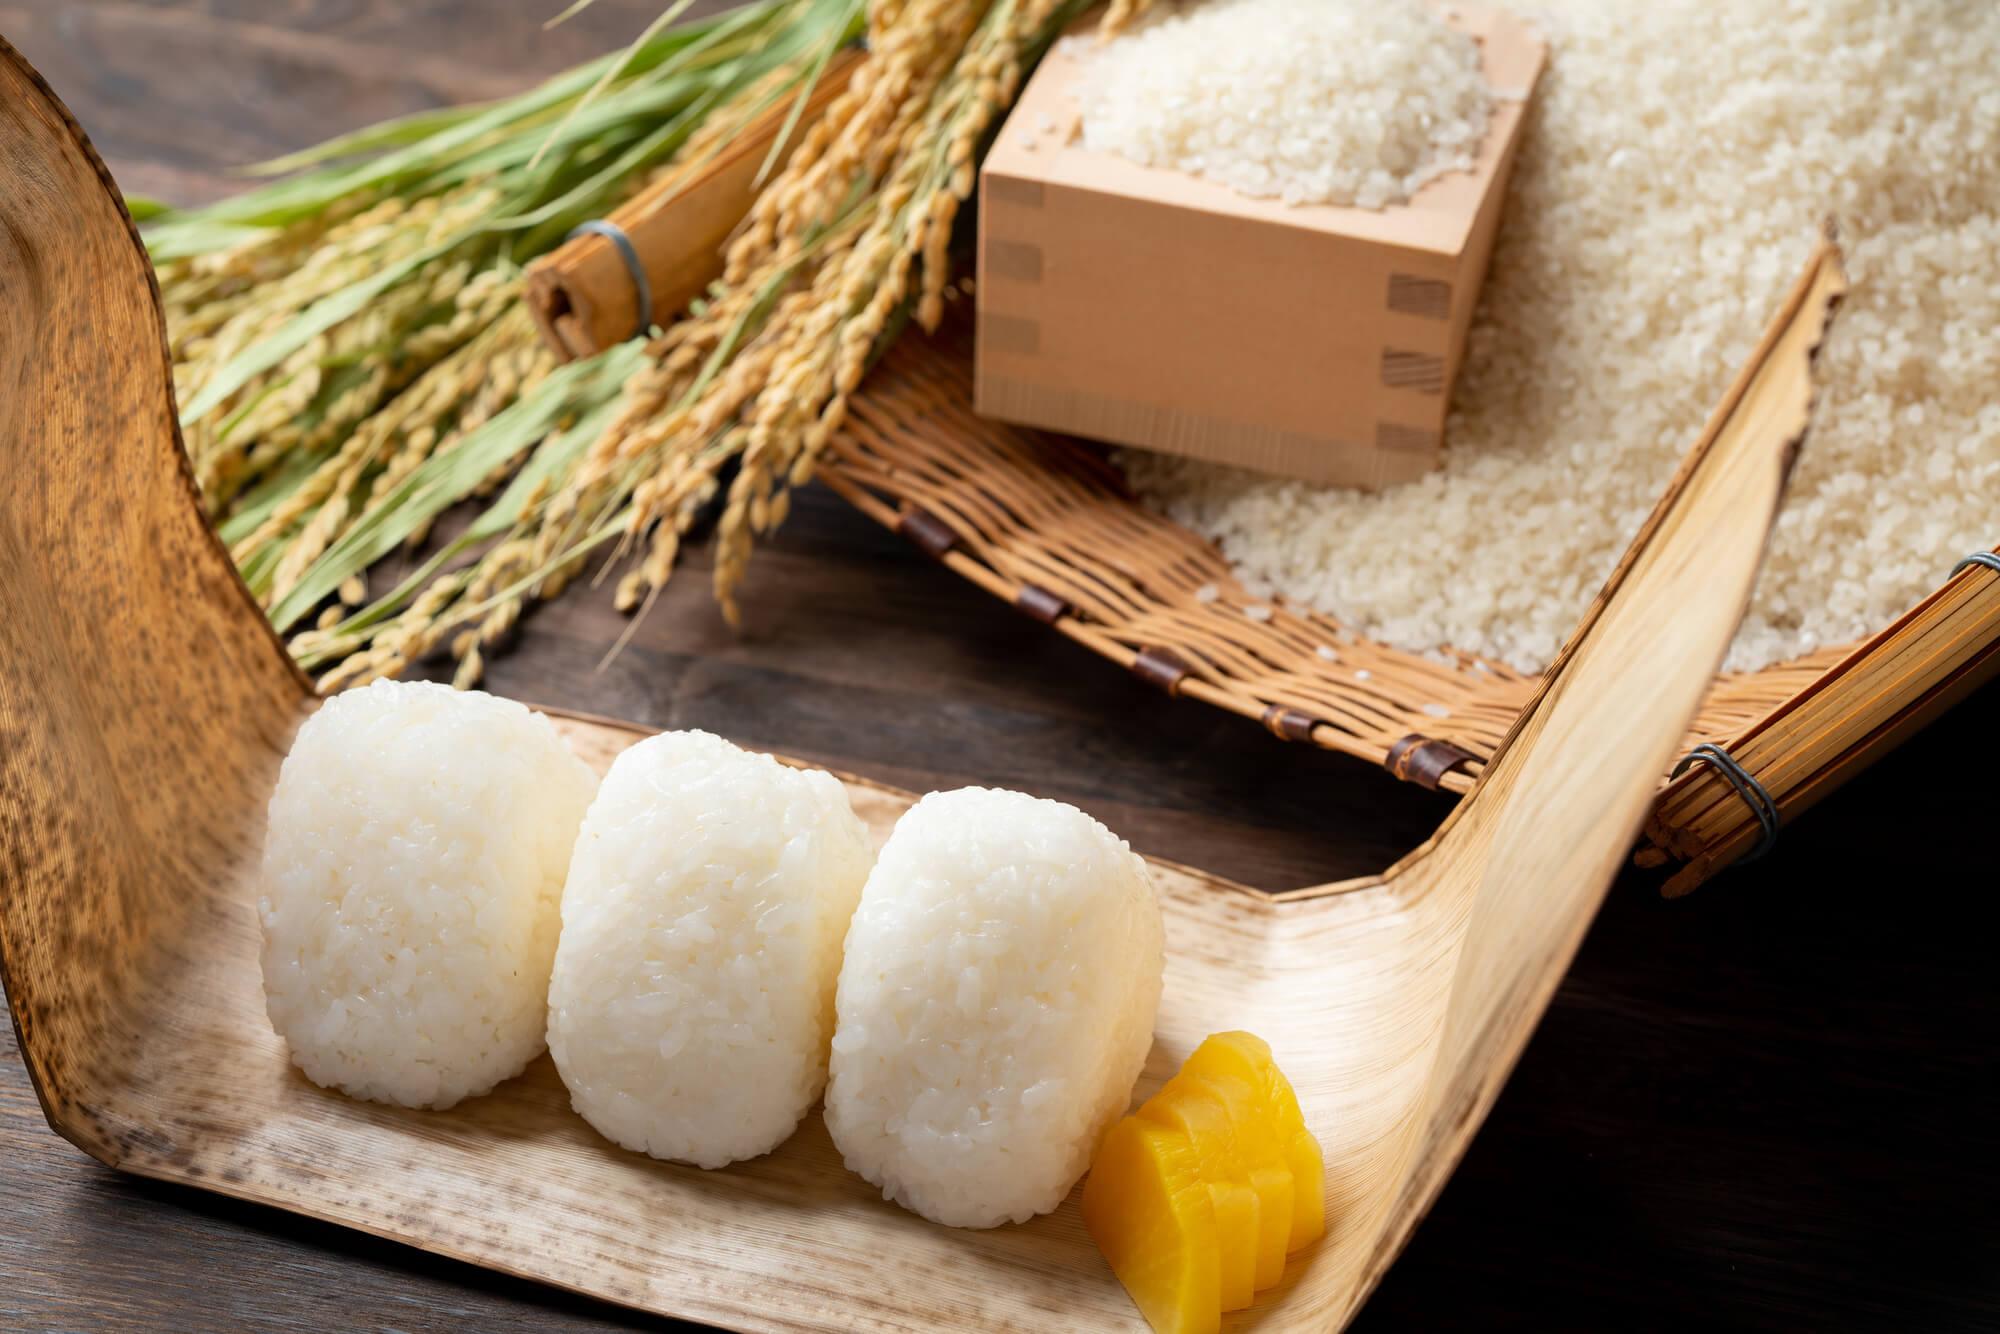 お米にはどれくらいの食物繊維が含まれているの?